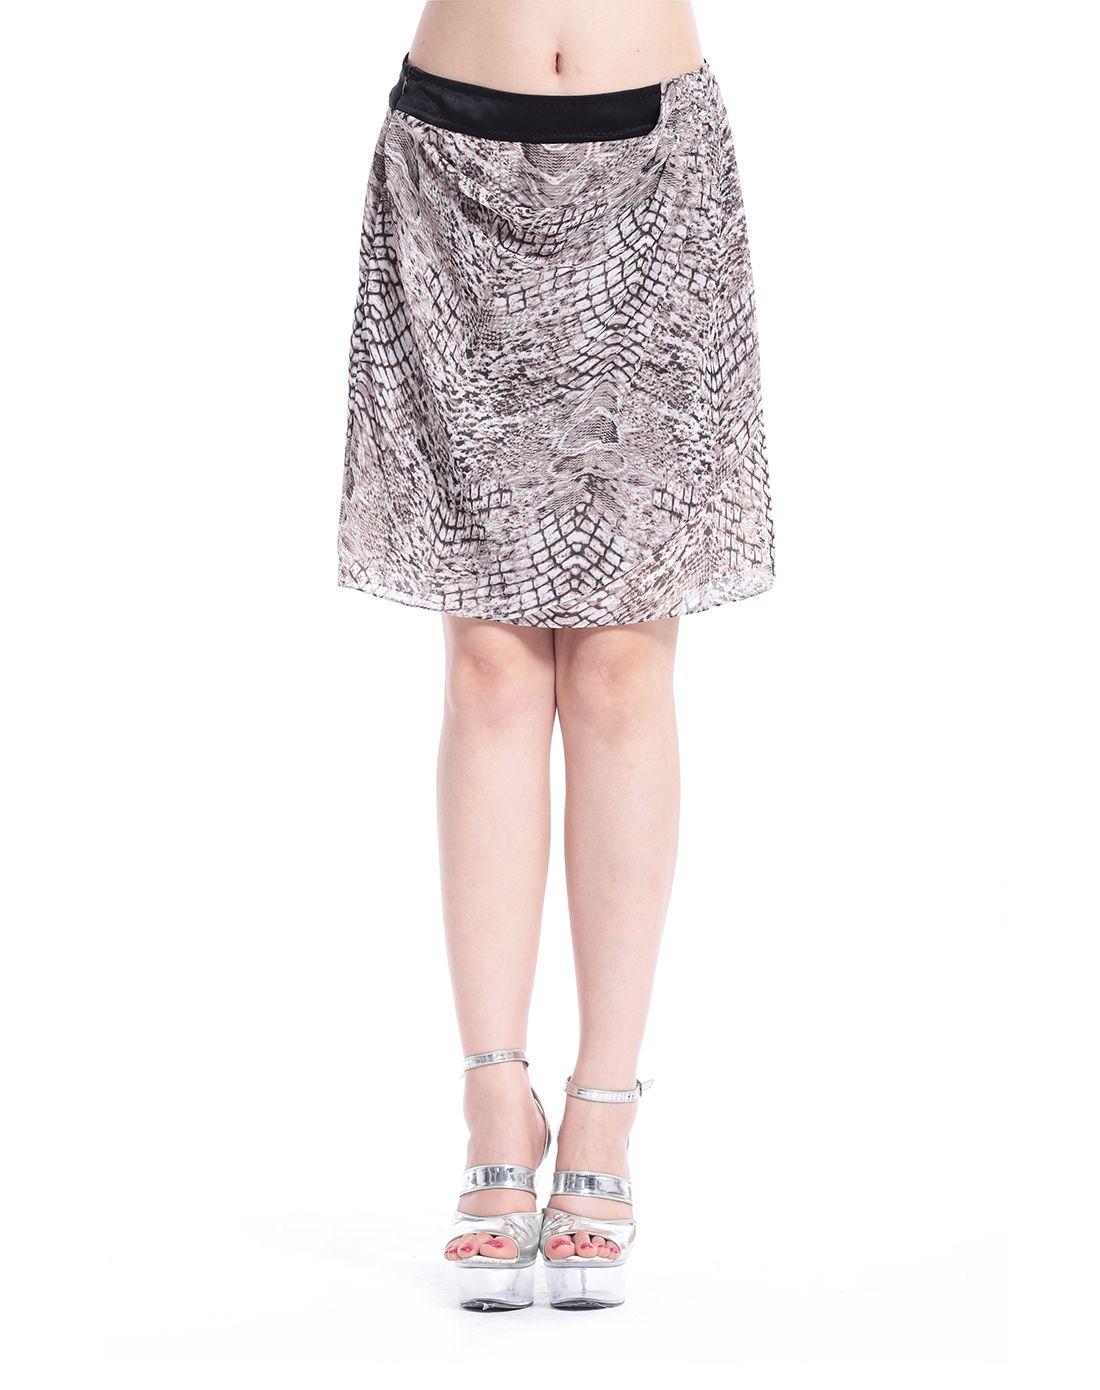 黑白花纹半裙